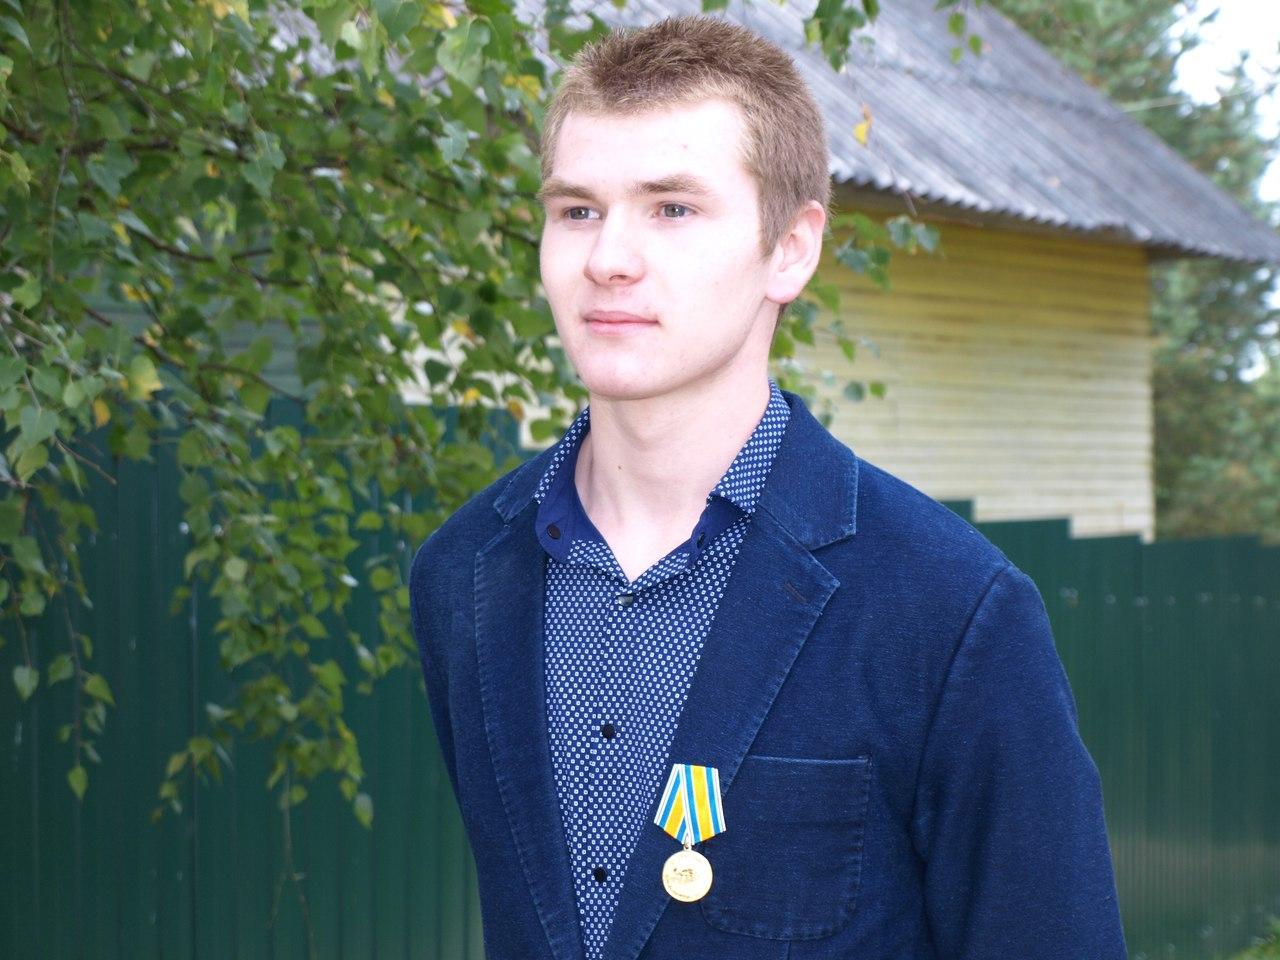 Школьника из Вологодской области наградили медалью «За спасение утопающих»